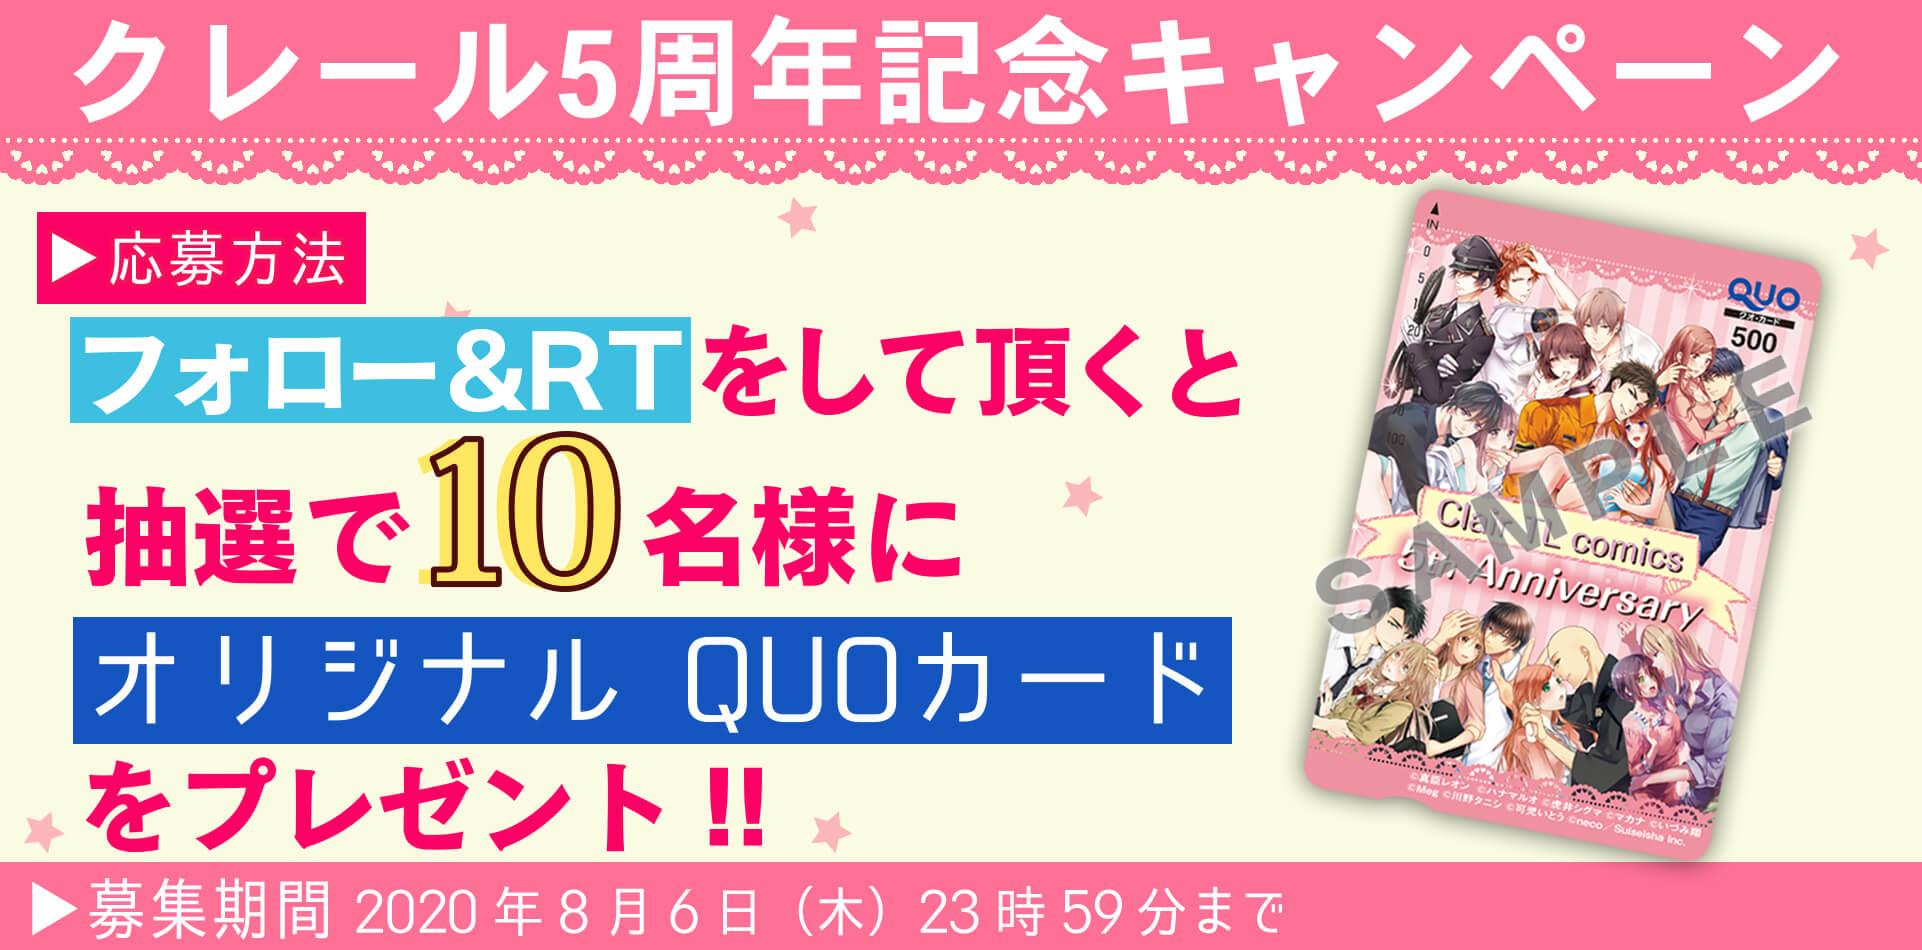 【クレール5周年記念企画】オリジナルQUOカードプレゼントキャンペーン